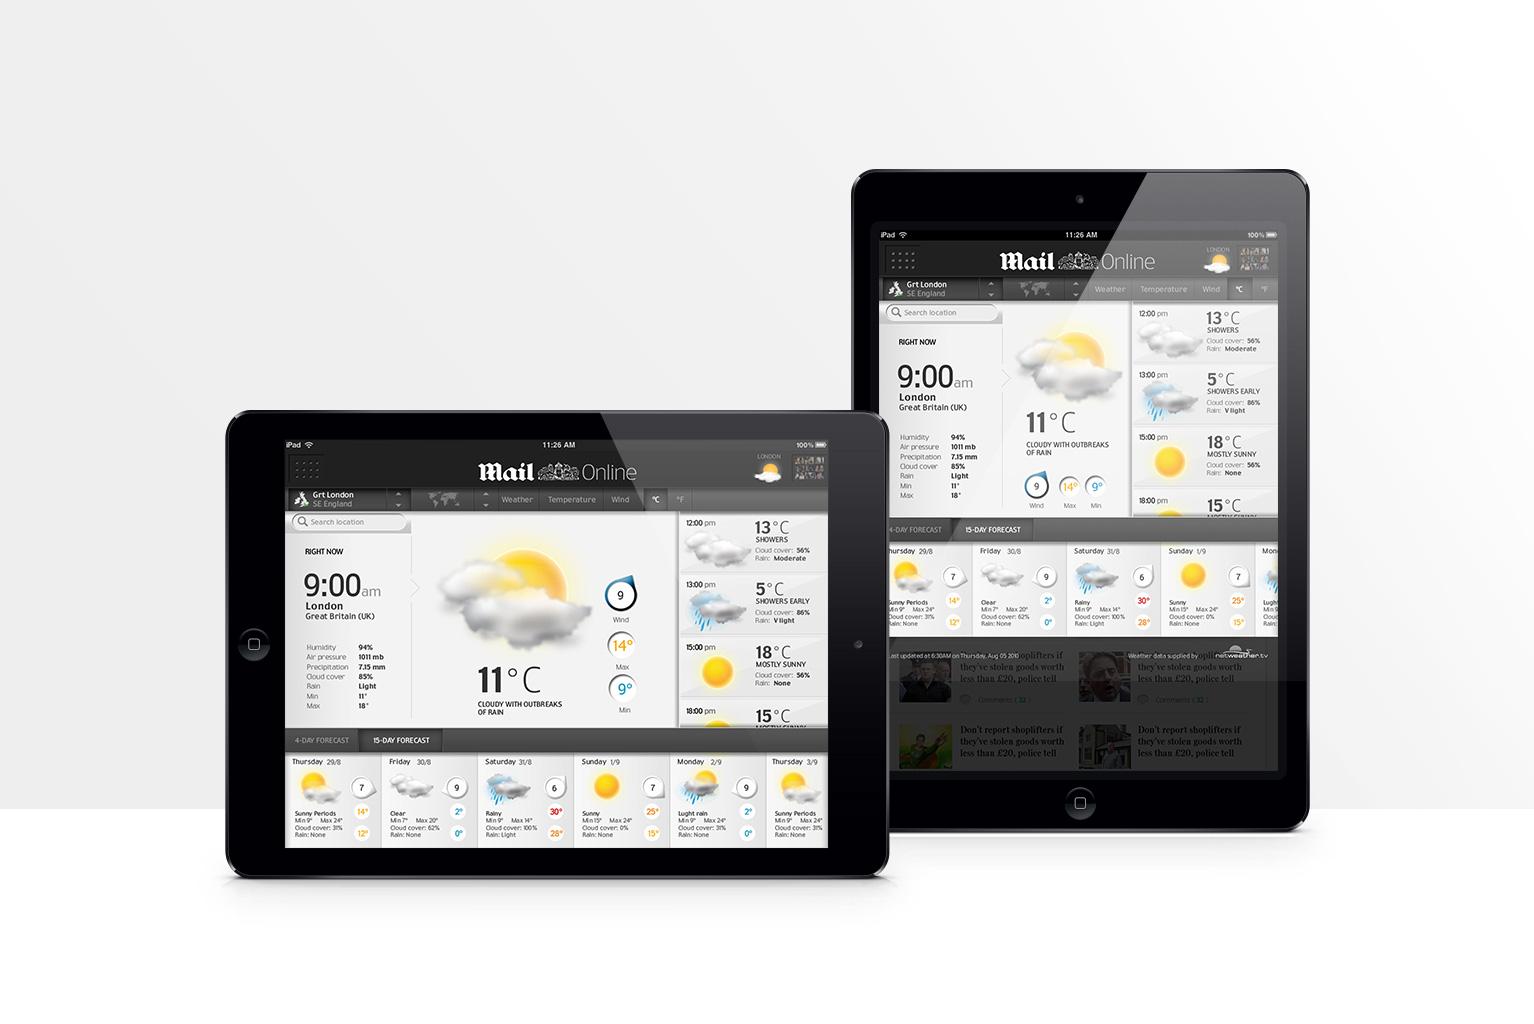 MailOnline Weather